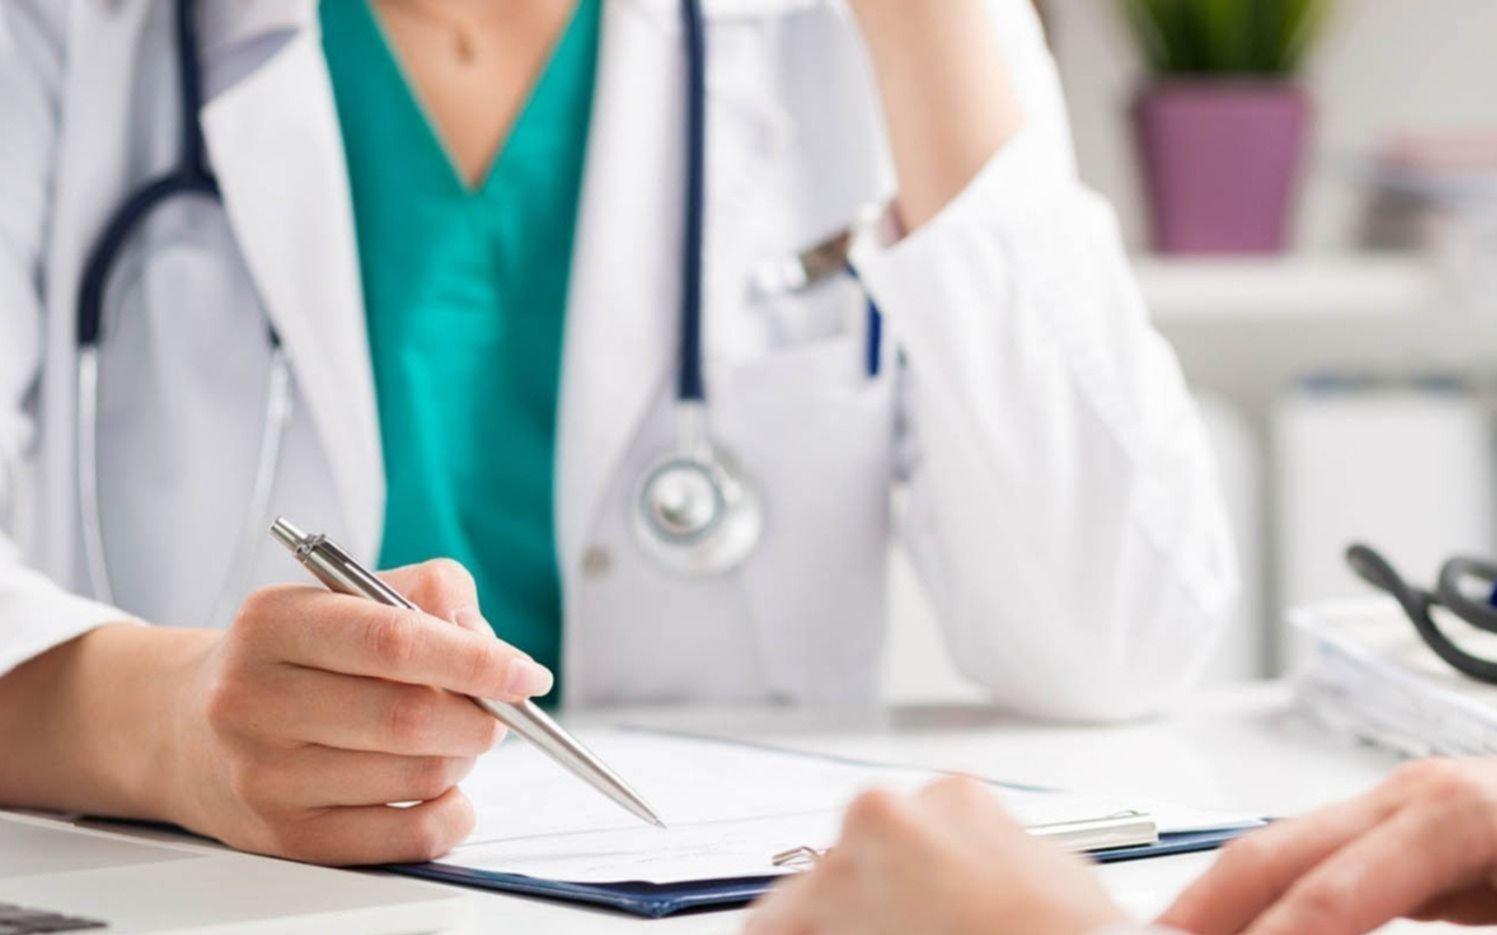 Lo esencial de ser médico